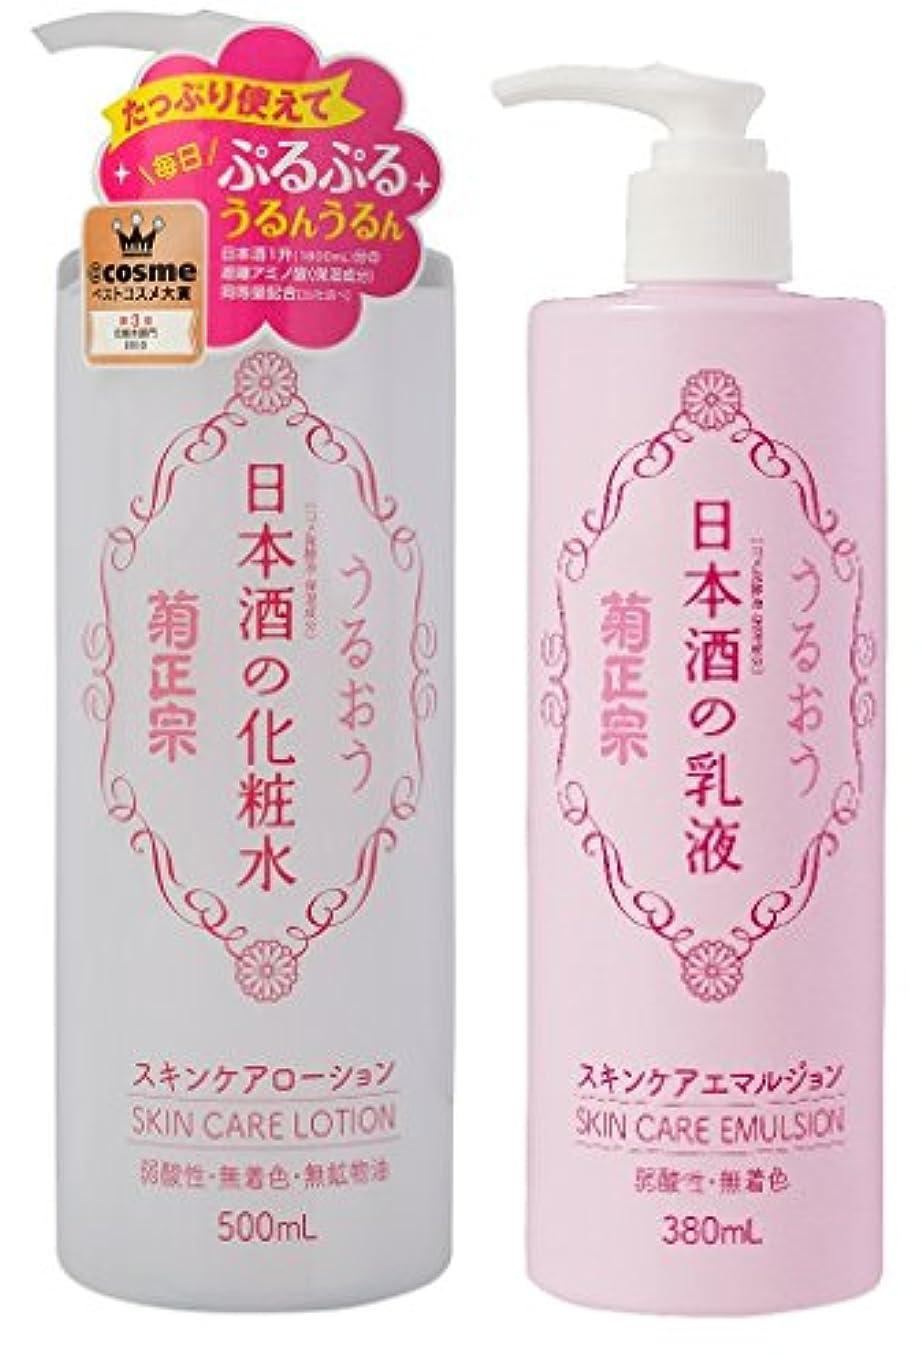 公園発行する慣れている菊正宗 日本酒の化粧水 500ml+乳液380mlセット